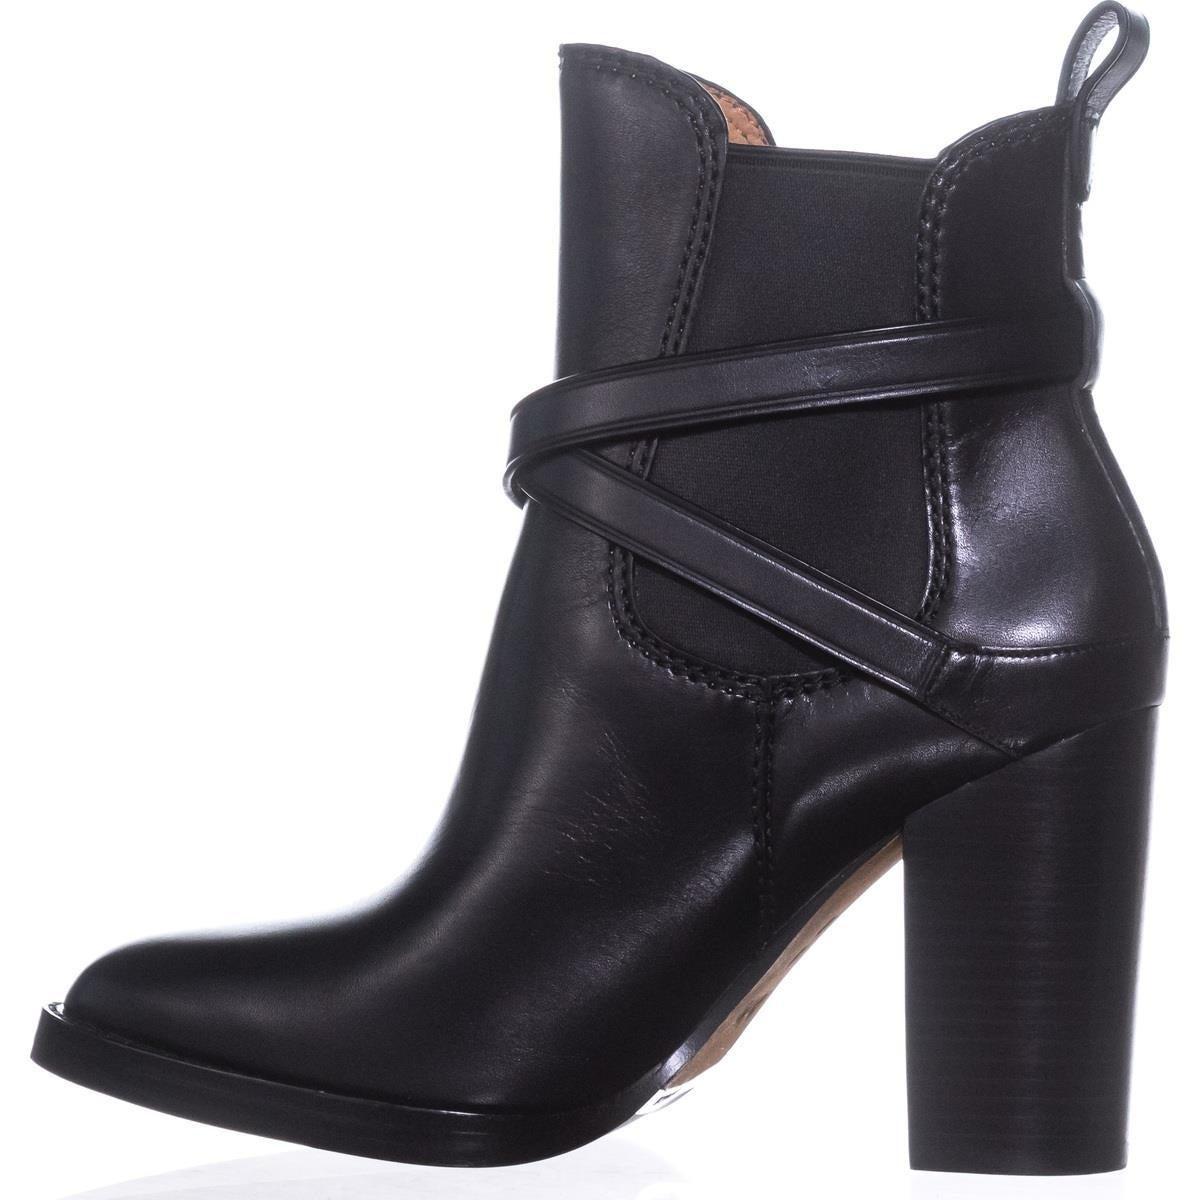 6d27defc870aa Shop Coach Jackson Buckle Block-Heel Booties, Black - 9 us - Free Shipping  Today - Overstock - 21179977